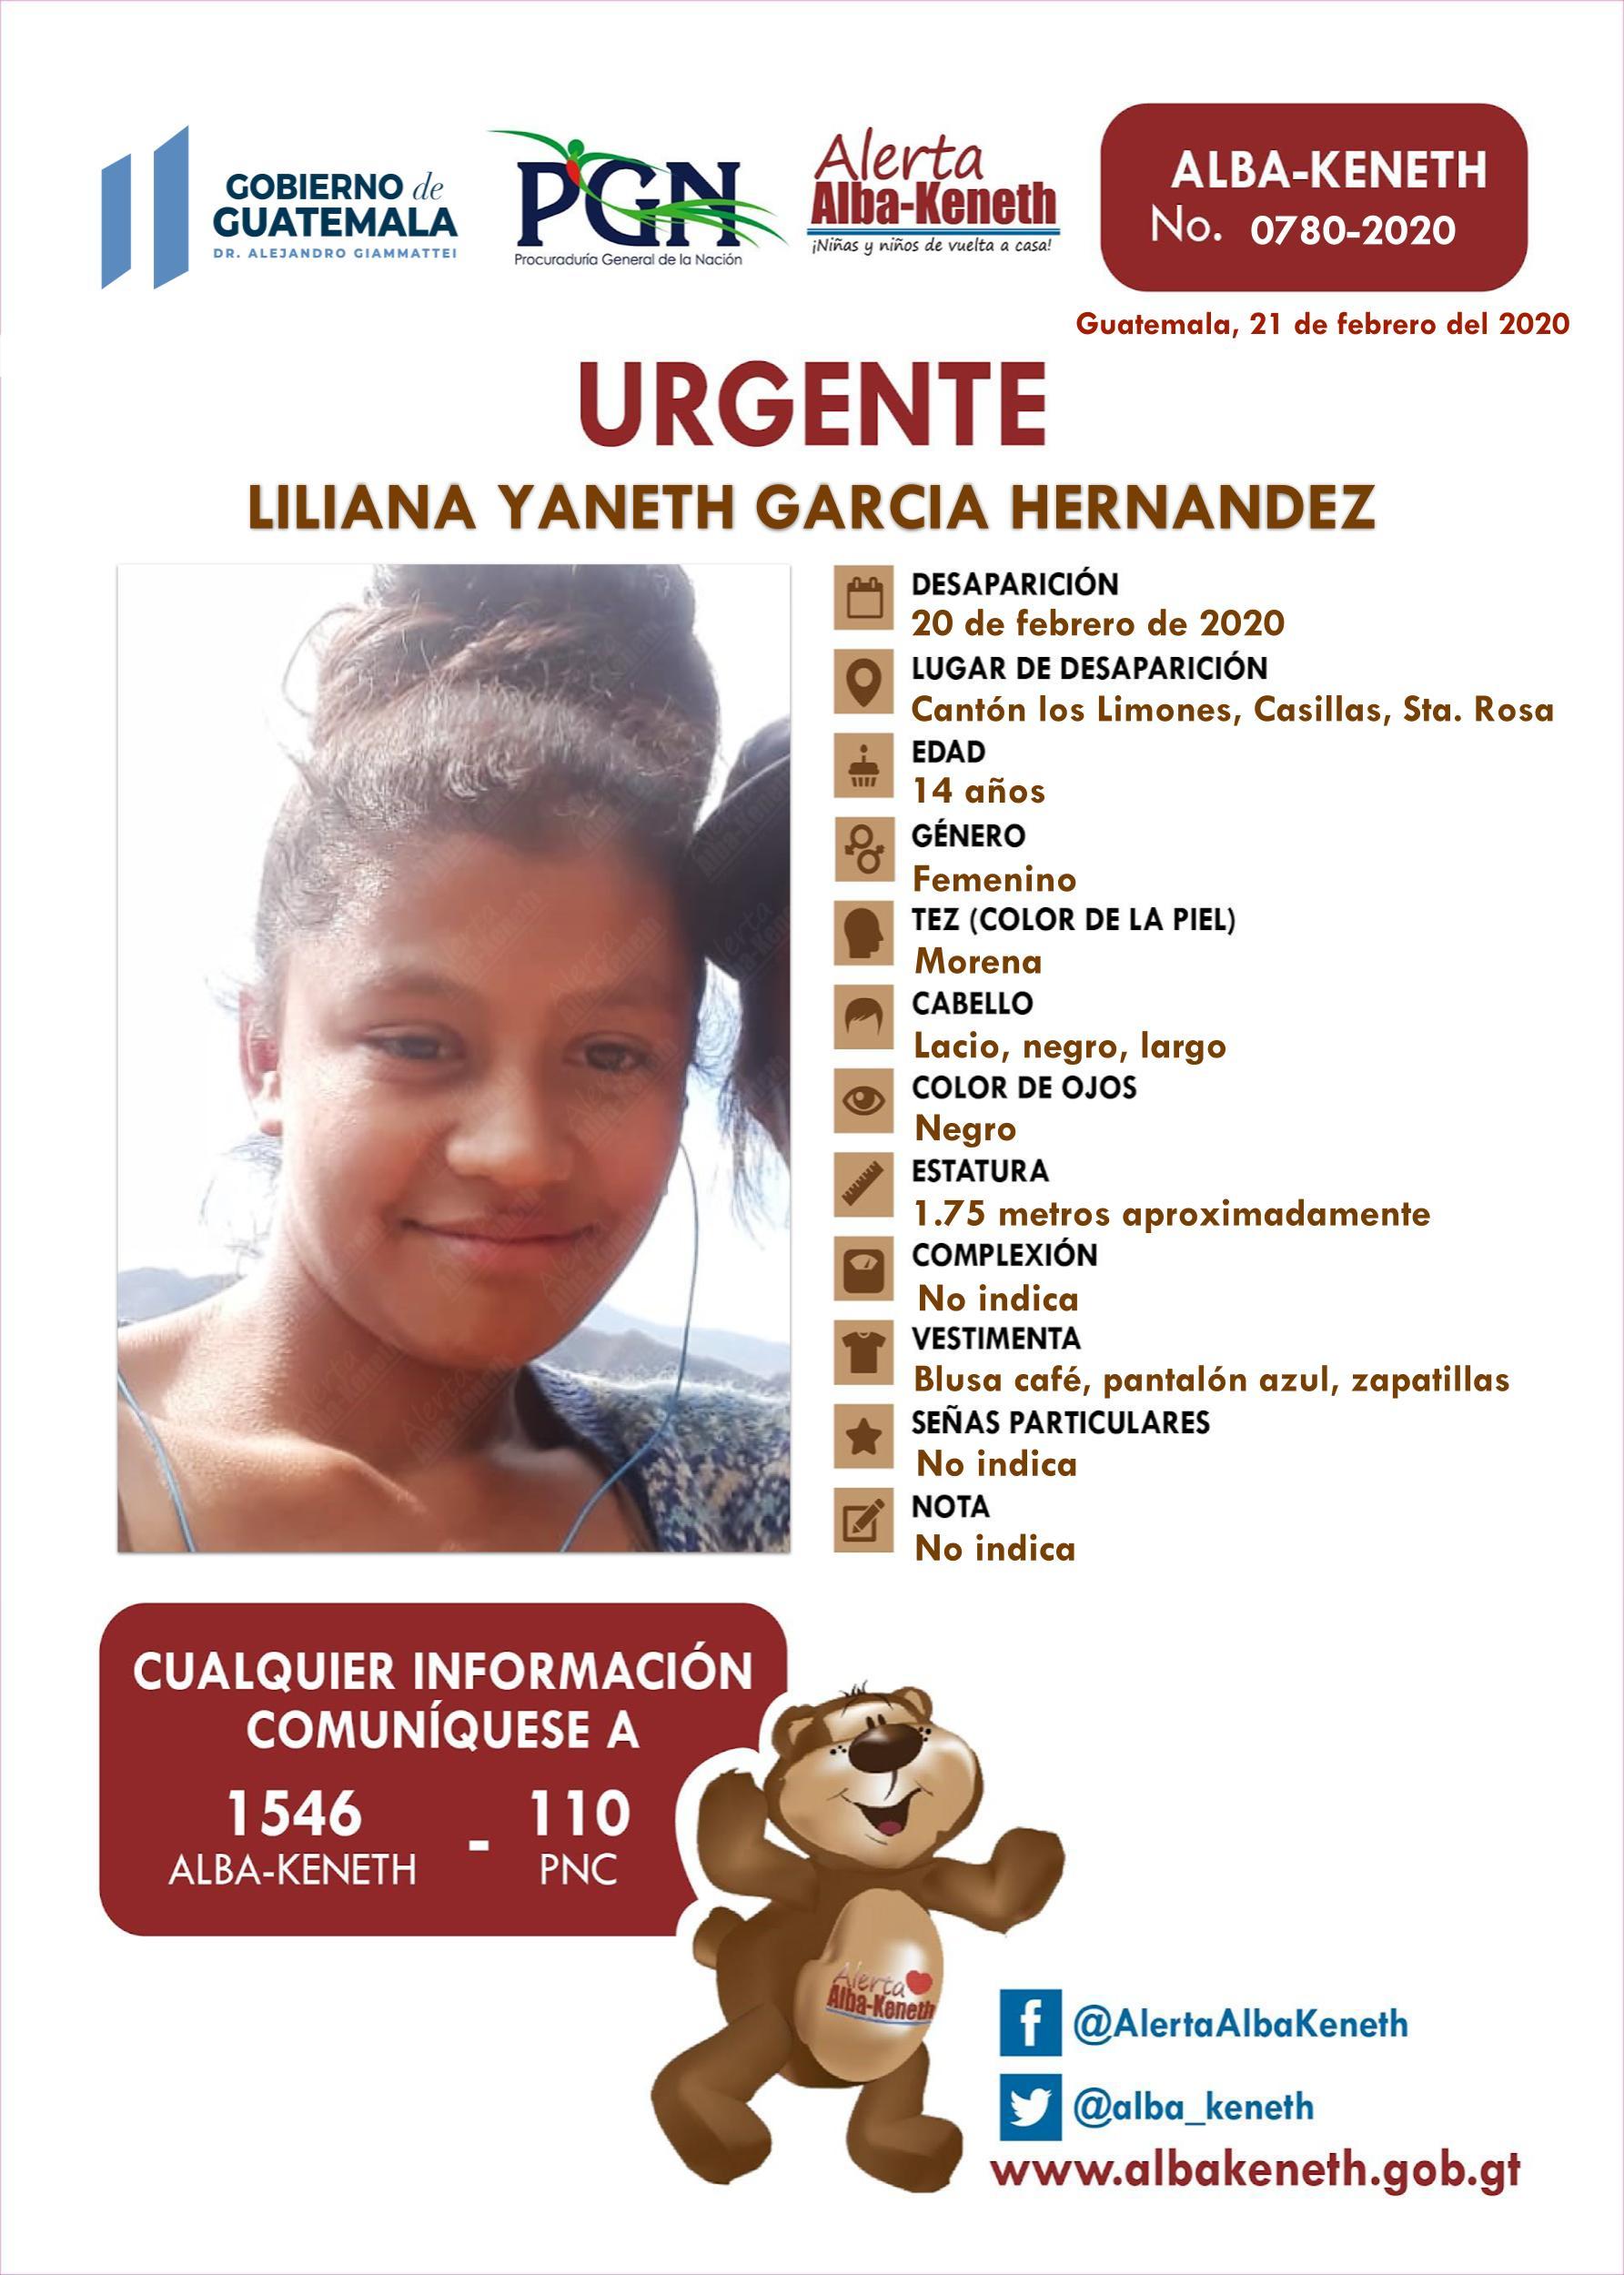 Liliana Yaneth Garcia Hernandez